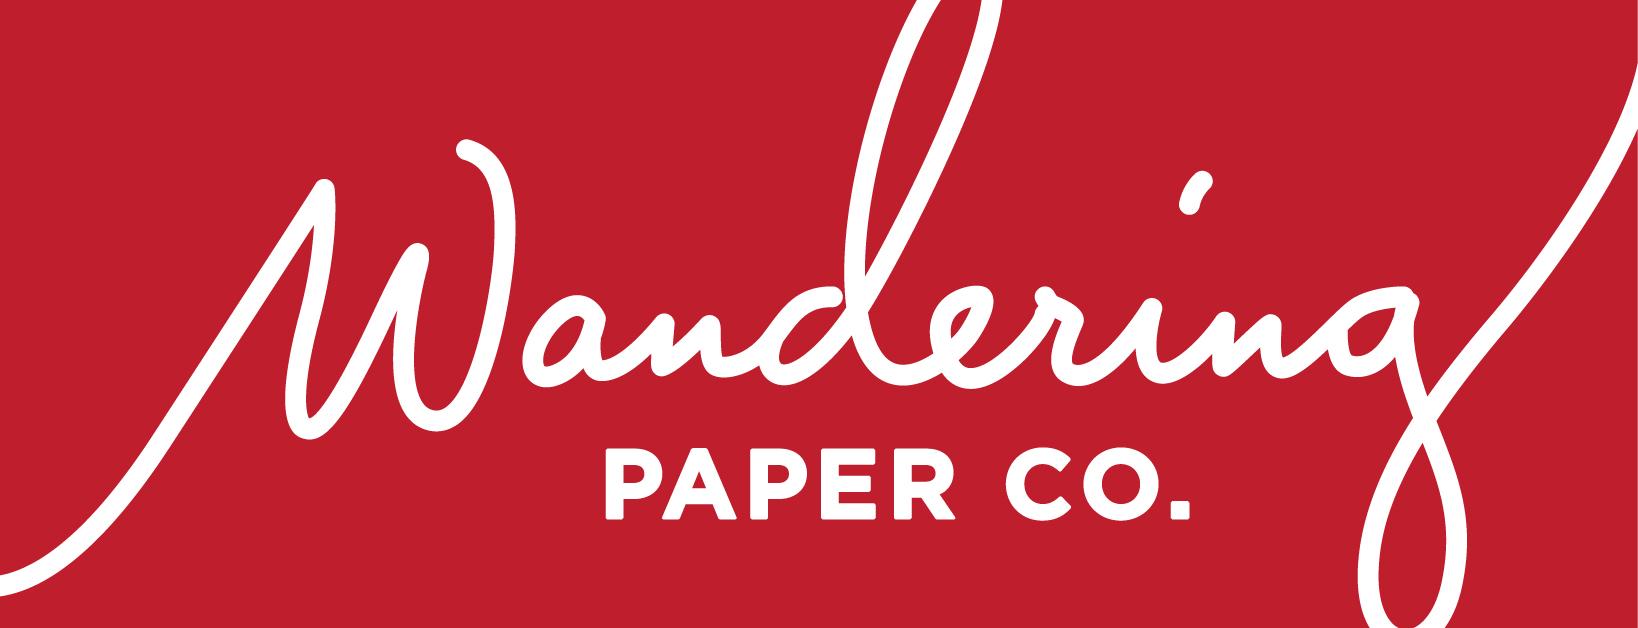 Wandering Paper Co. Logo